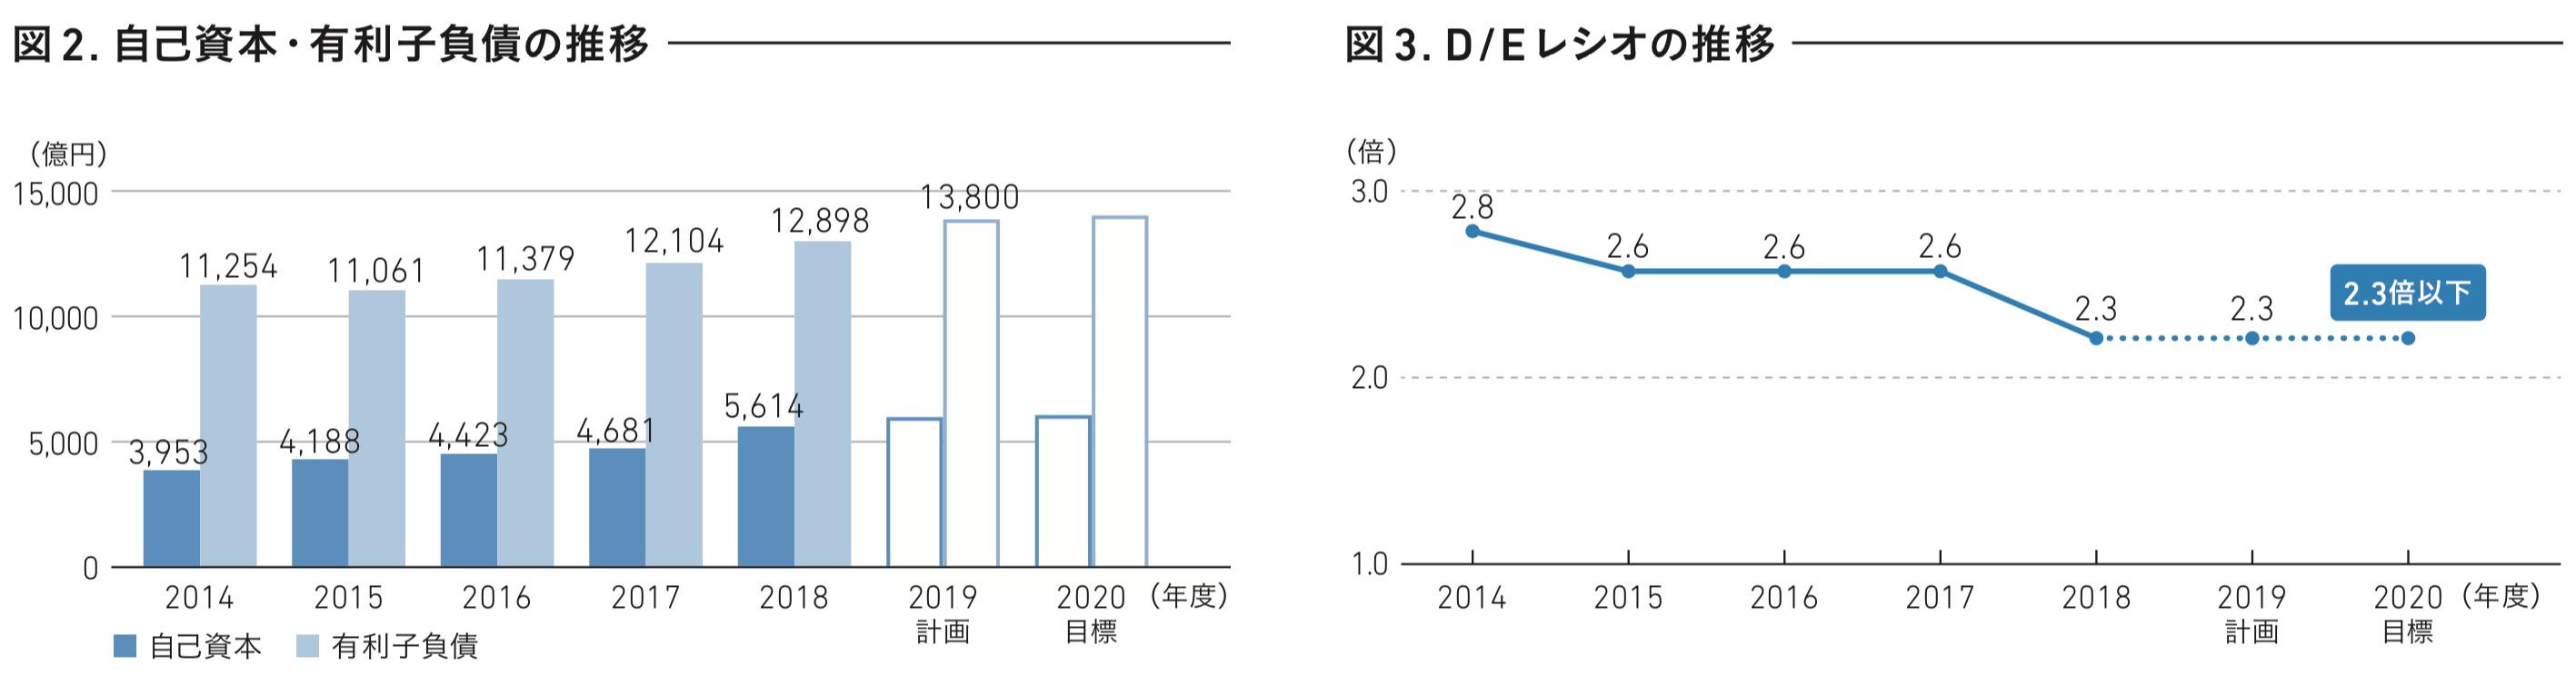 東急不動産ホールディングス 自己資本 有利子負債の推移 D/Eレシオの推移